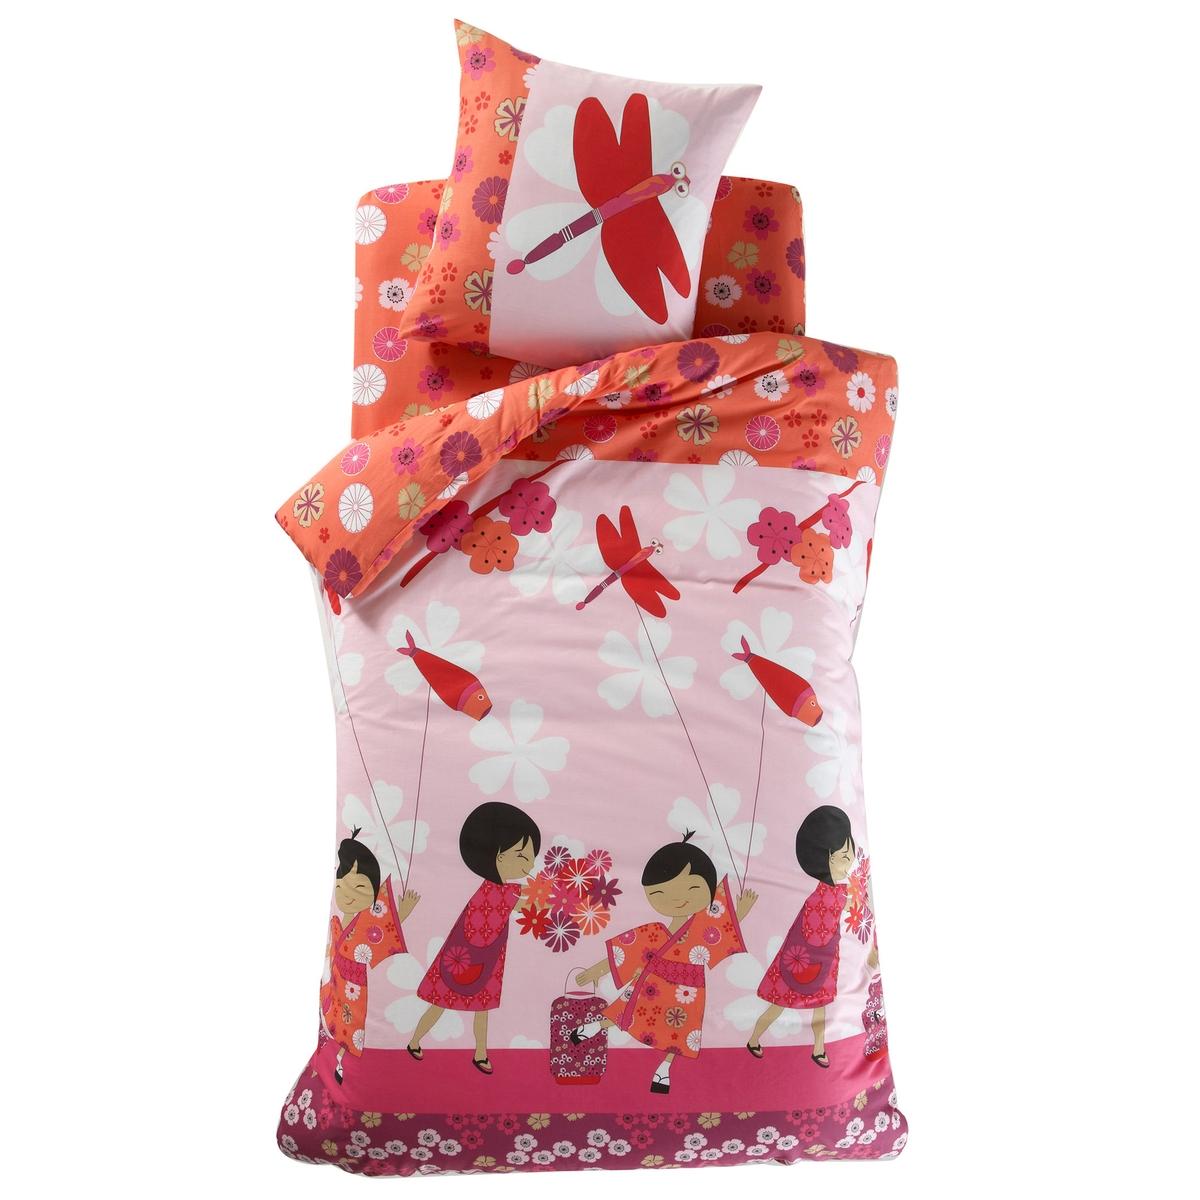 Пододеяльник детский, OYASUMI, 100% хлопкаПододеяльник детский, 100% хлопка, Oyasumi. Атмосфера страны Восходящего солнца и качественная ткань для детской спальни. Состав и описание:Рисунок: лицевая сторона: рисунок с изображением японских девочек в кимоно с цветочным узором и воздушный змей на розовом фоне. оборотная сторона: цветочный рисунок на оранжевом фоне.Материал: 100% хлопка, плотное переплетение нитей, 57 нитей/см?. Чем больше нитей/см?, тем выше качество материалаУход : Стирка при 60°C.Знак Oeko-Tex® гарантирует, что товары прошли проверку и были изготовлены без применения вредных для здоровья человека веществ.Найдите наволочки и простынь той же расцветки на сайте  laredoute.ruРазмеры:140 x 200 см: 1-сп.200 х 200 см: 2-сп.<br><br>Цвет: розовый